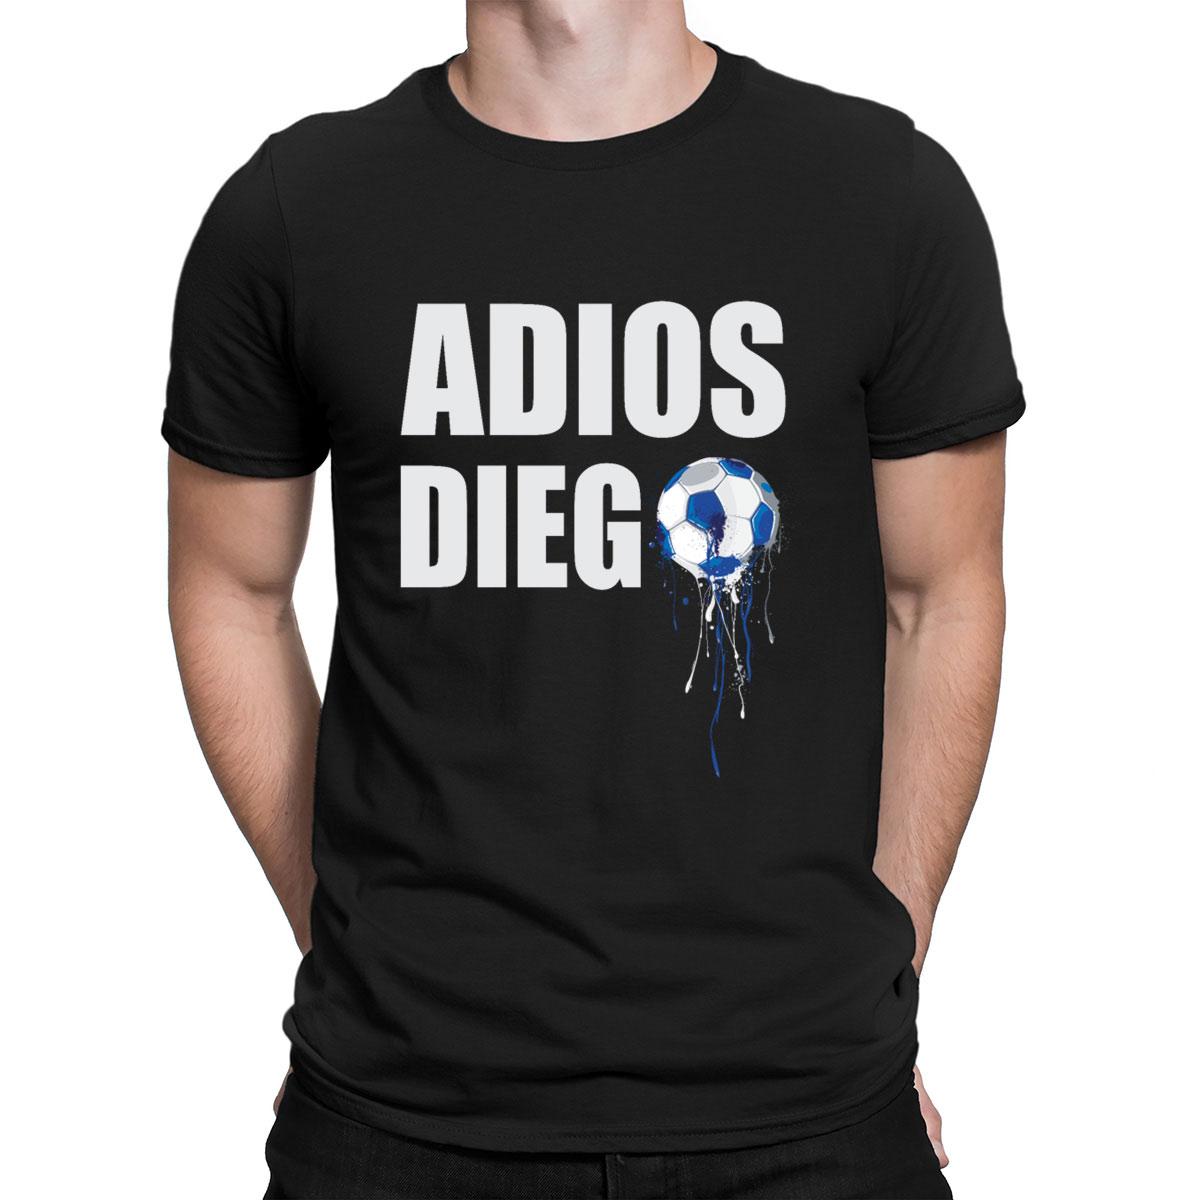 Camiseta de gola redonda de algodão da novidade normal do ajuste confortável do descanso de diego armando maradona da mão de deus